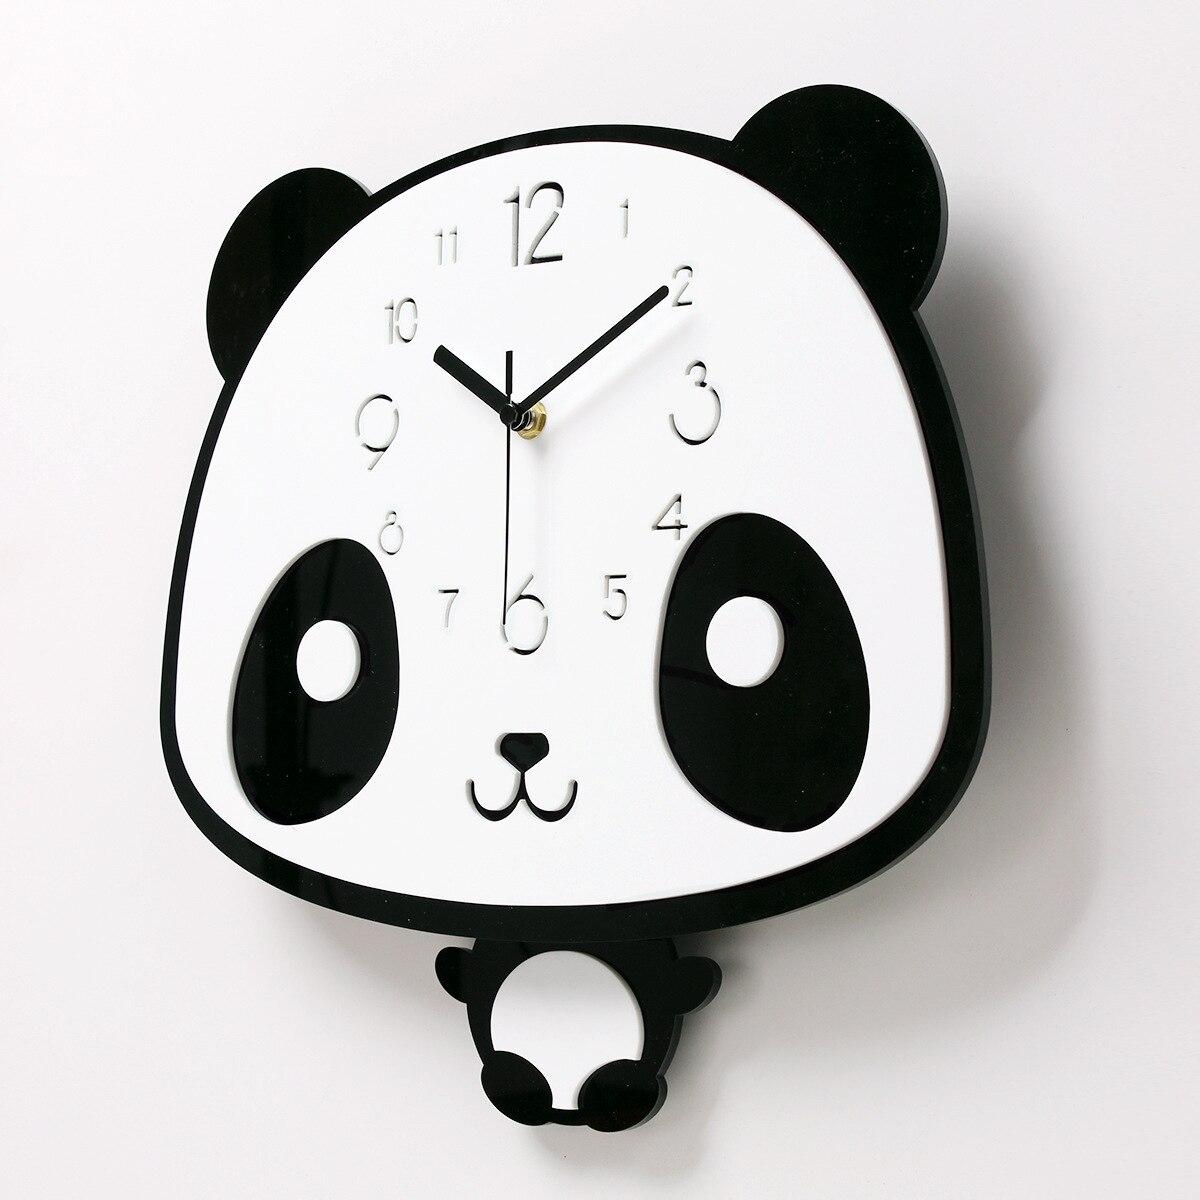 Dessin animé Panda horloge murale belle montre chambre silencieuse chambre d'enfants horloge murale Swing moderne Simple mode horloges créatives Zb10